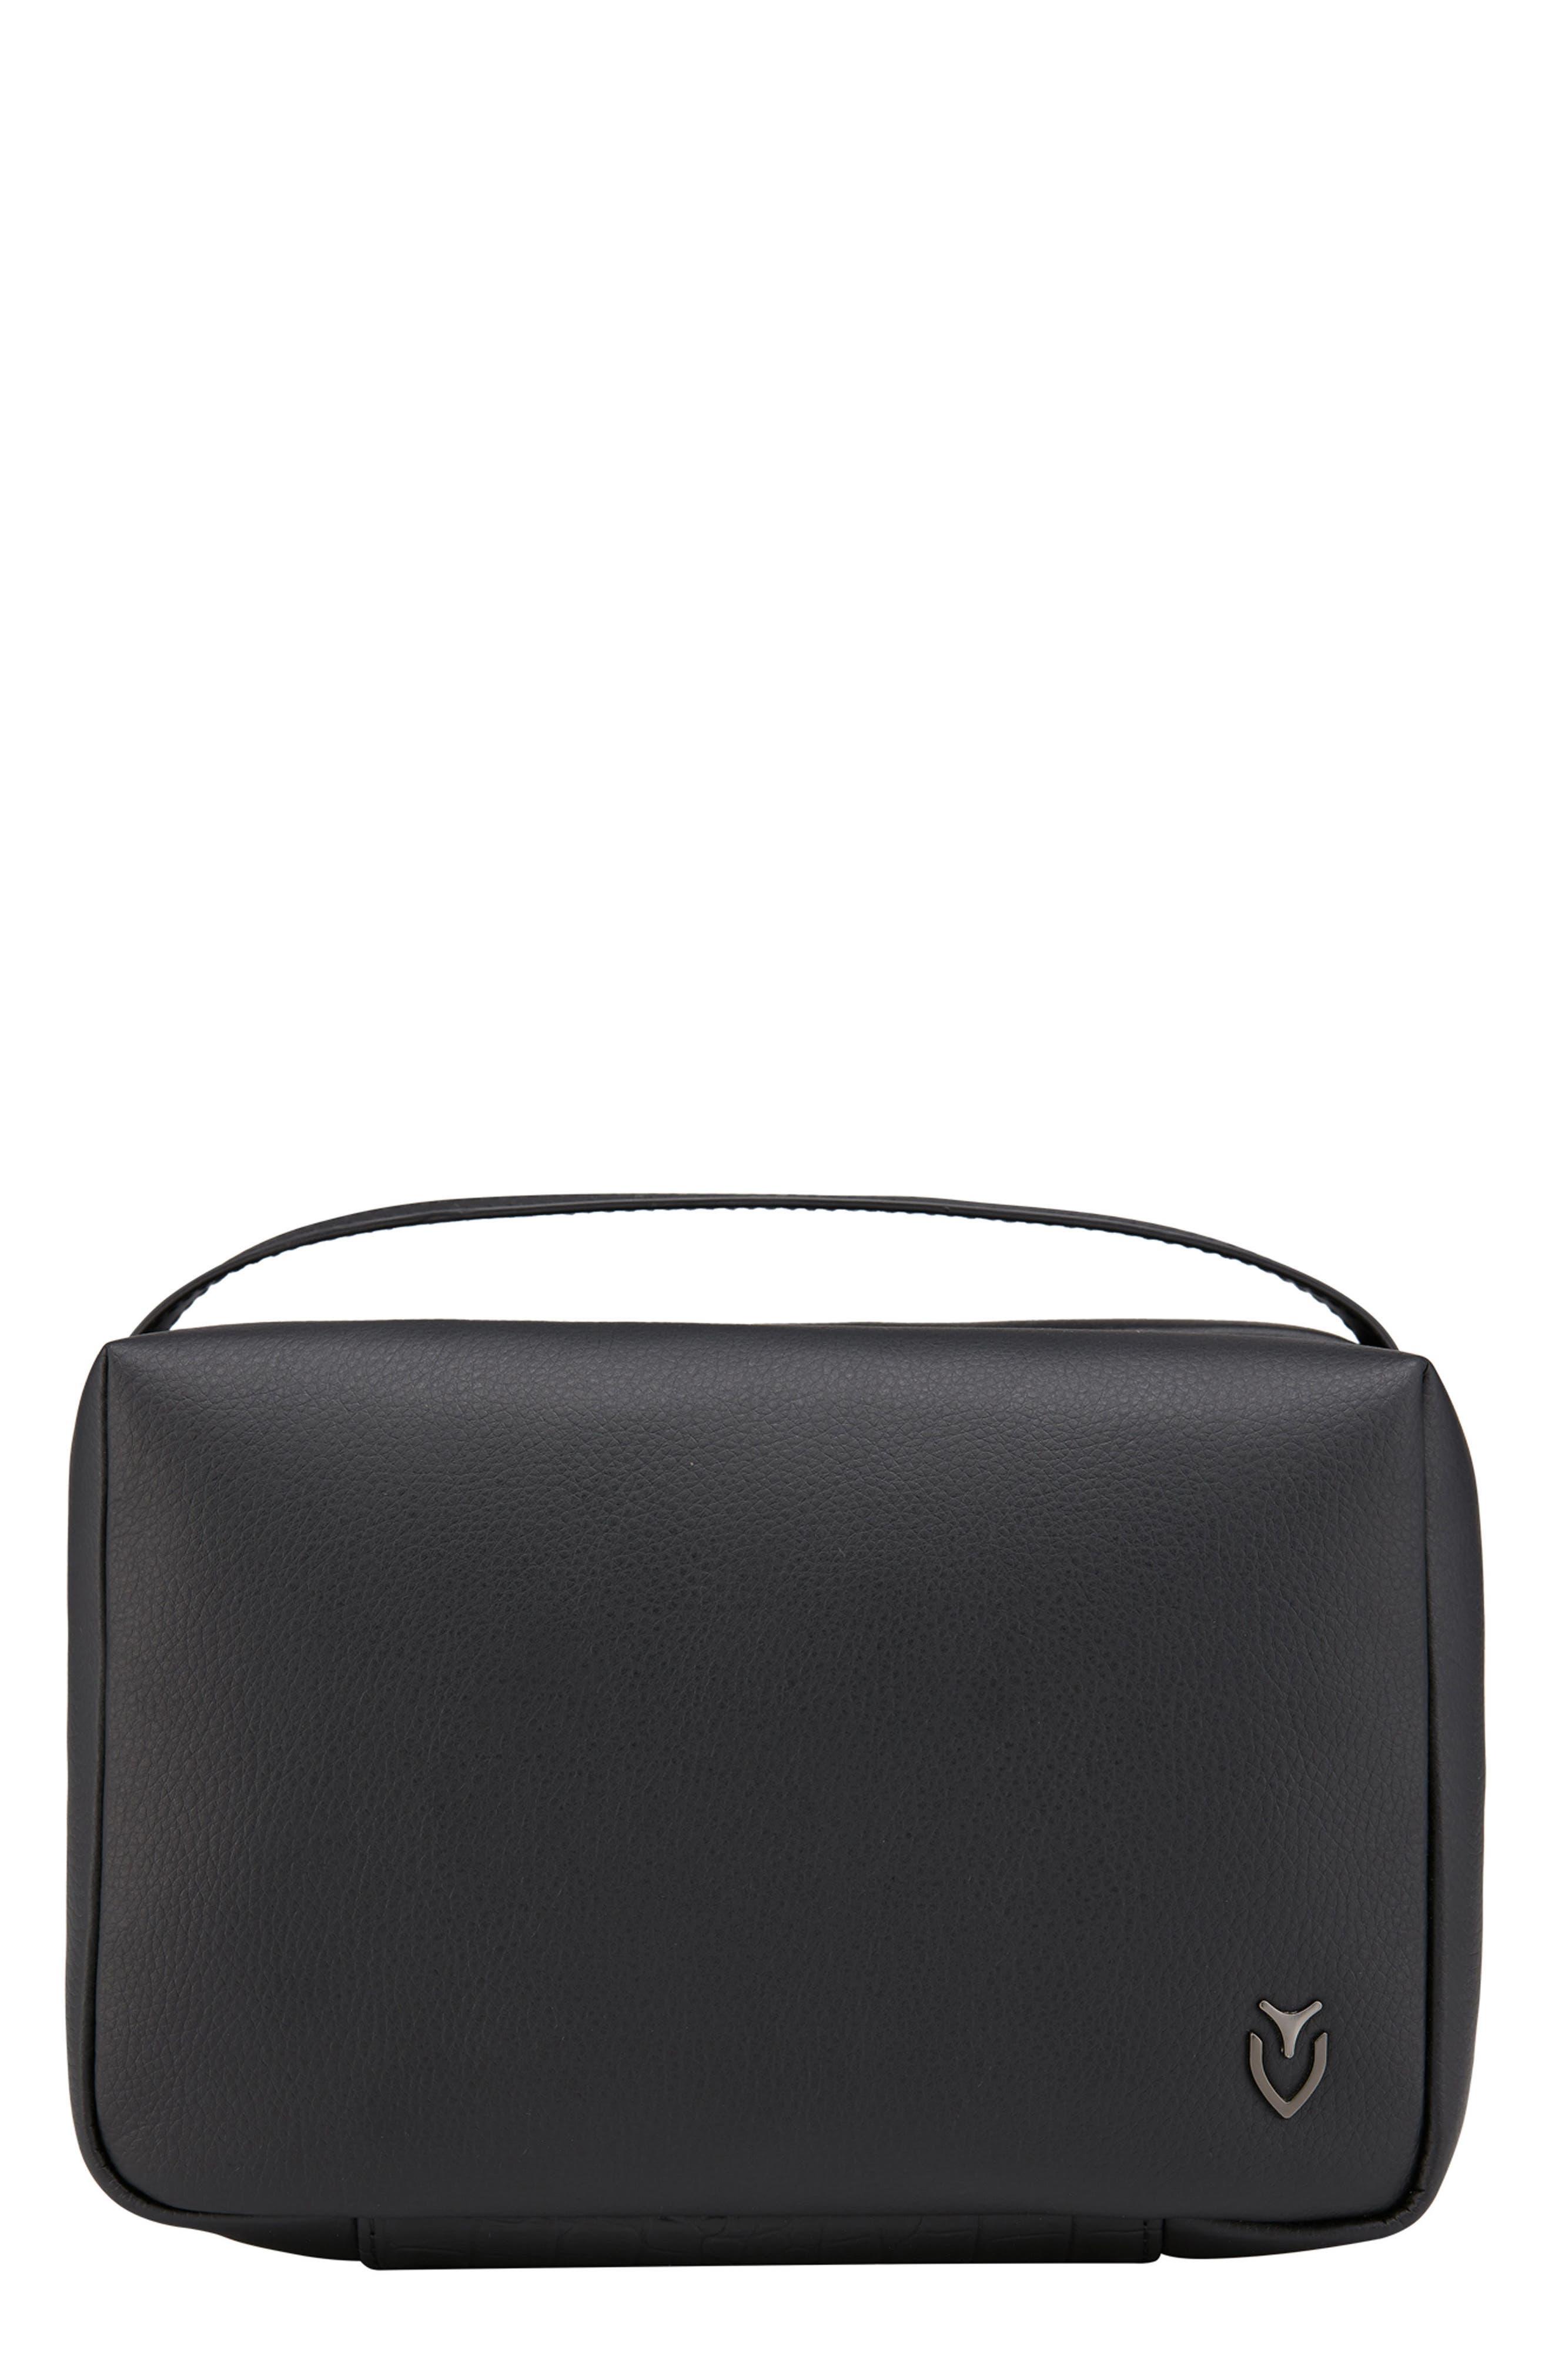 Signature 2.0 Faux Leather Toiletry Case,                         Main,                         color, PEBBLED/ CROC BLACK